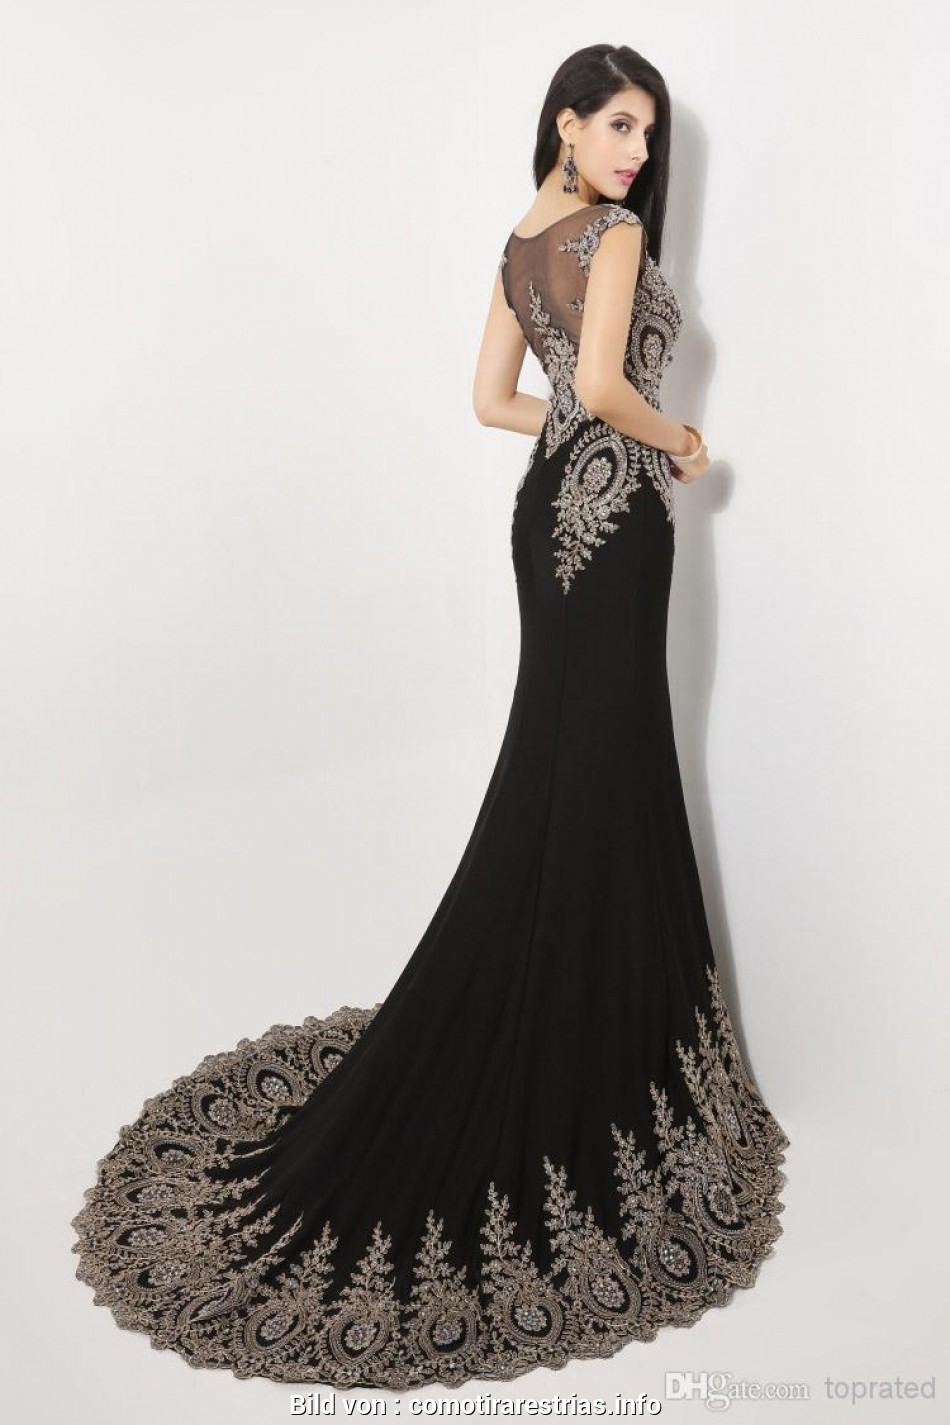 17 Perfekt P C Abendkleider Große Größen Stylish15 Elegant P C Abendkleider Große Größen Design